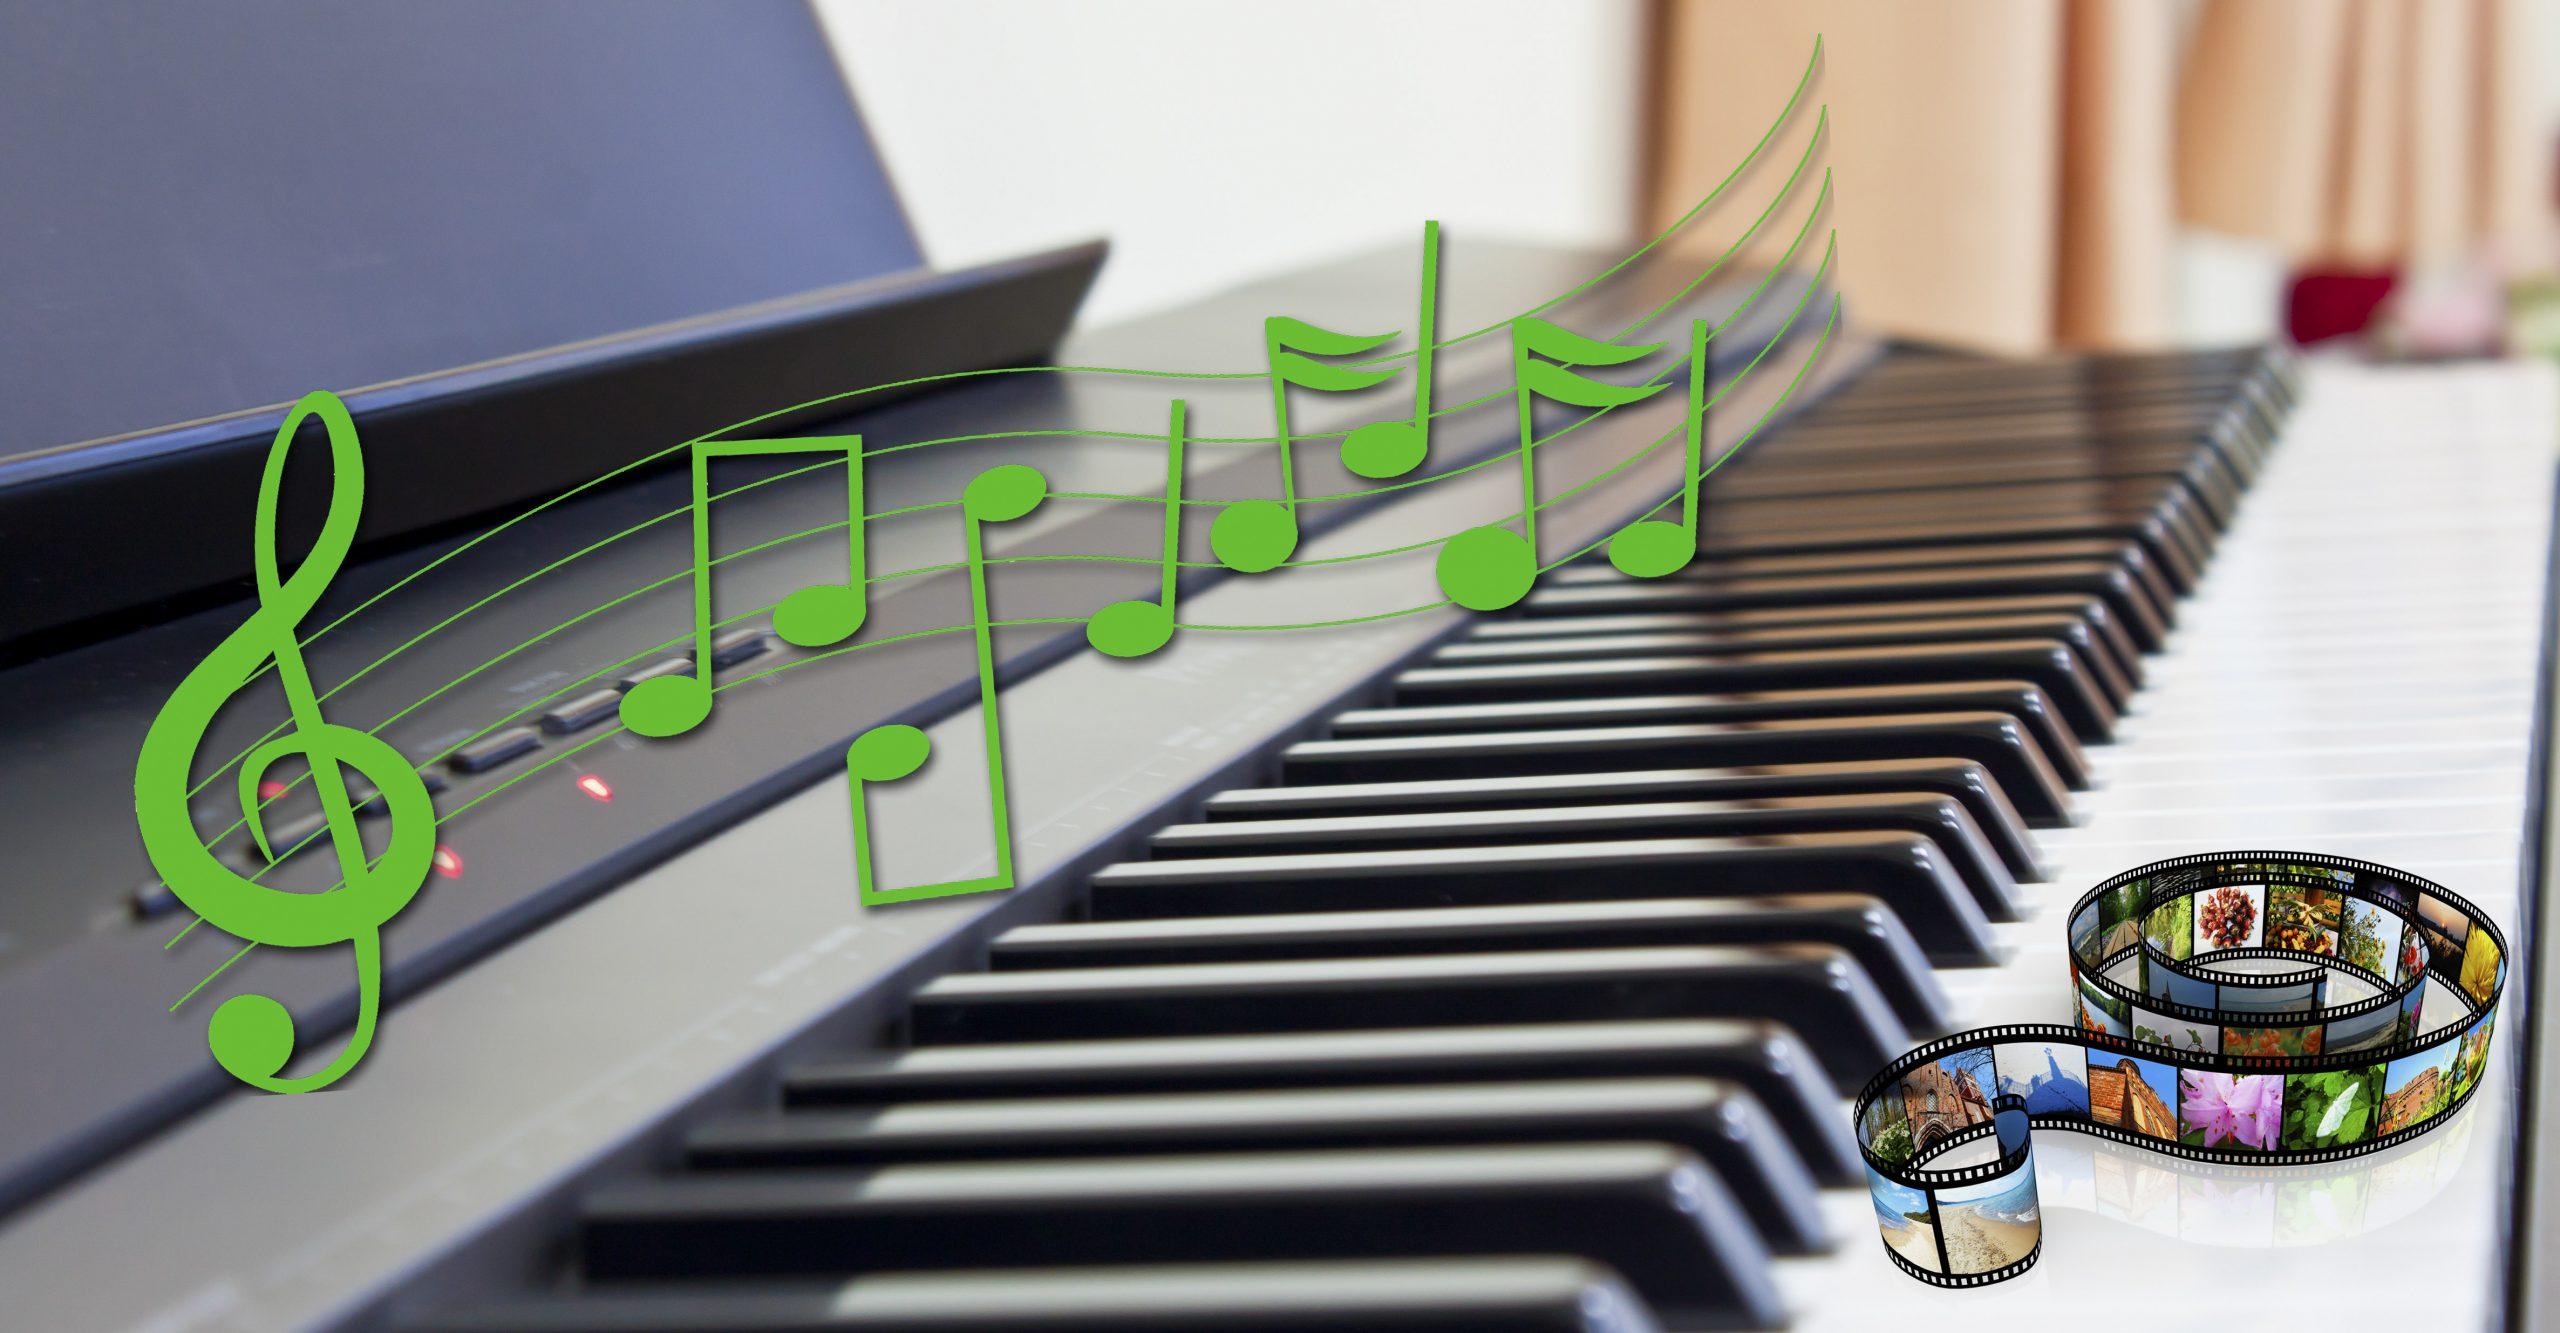 Benyt royaltyfri musik i dine videokreationer. Fotos: Colourbox. Redigering: Lars Laursen.